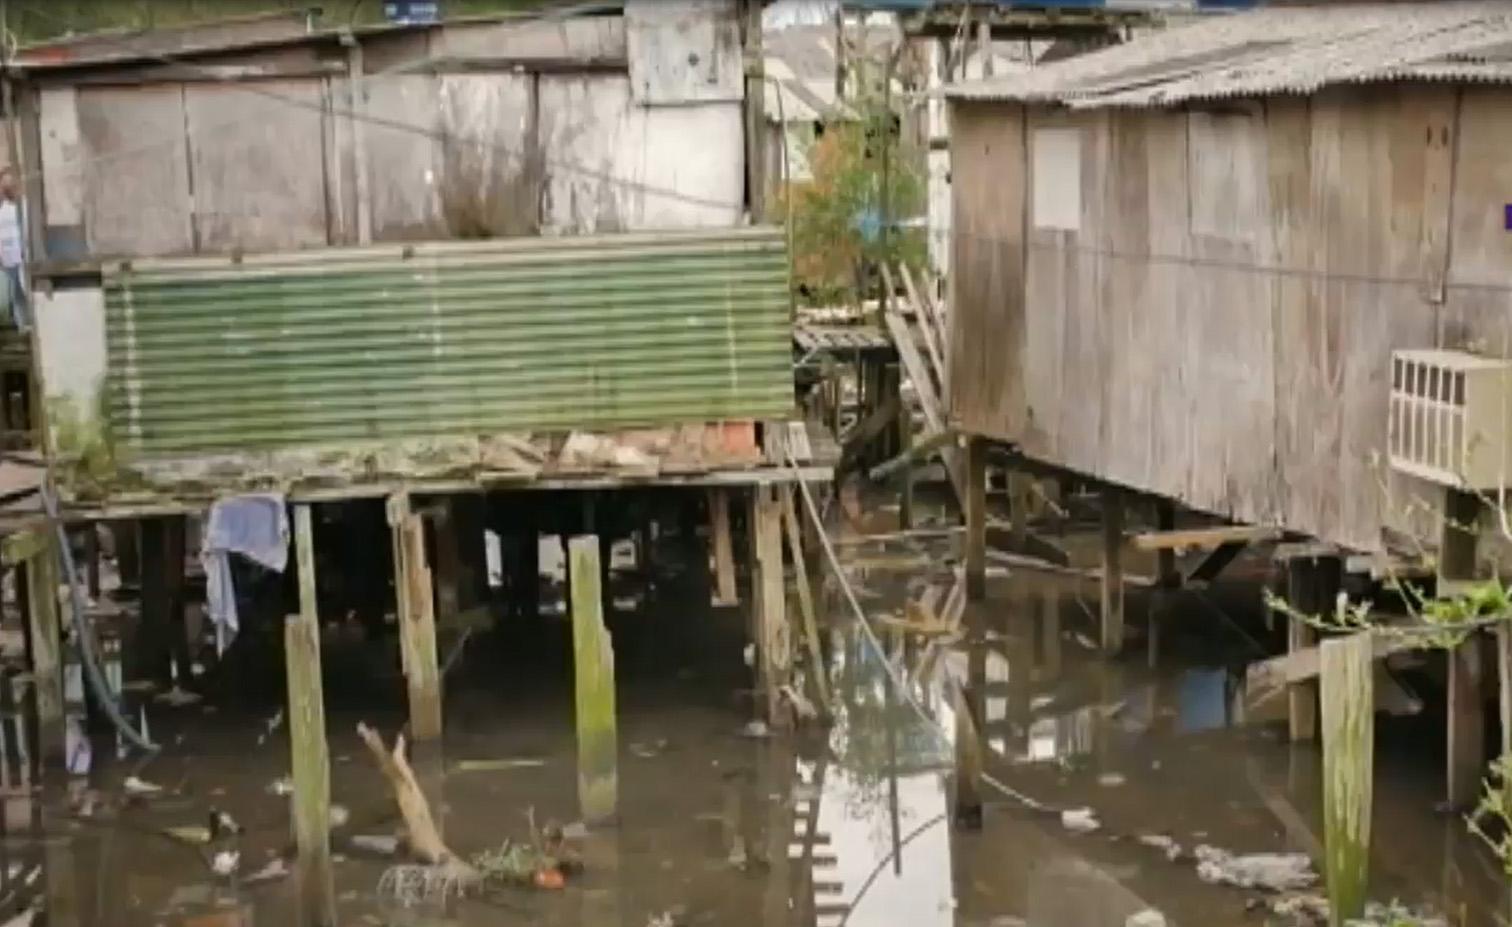 Cidades - favelas e pobreza - palafitas saneamento básico esgotos dejetos doenças